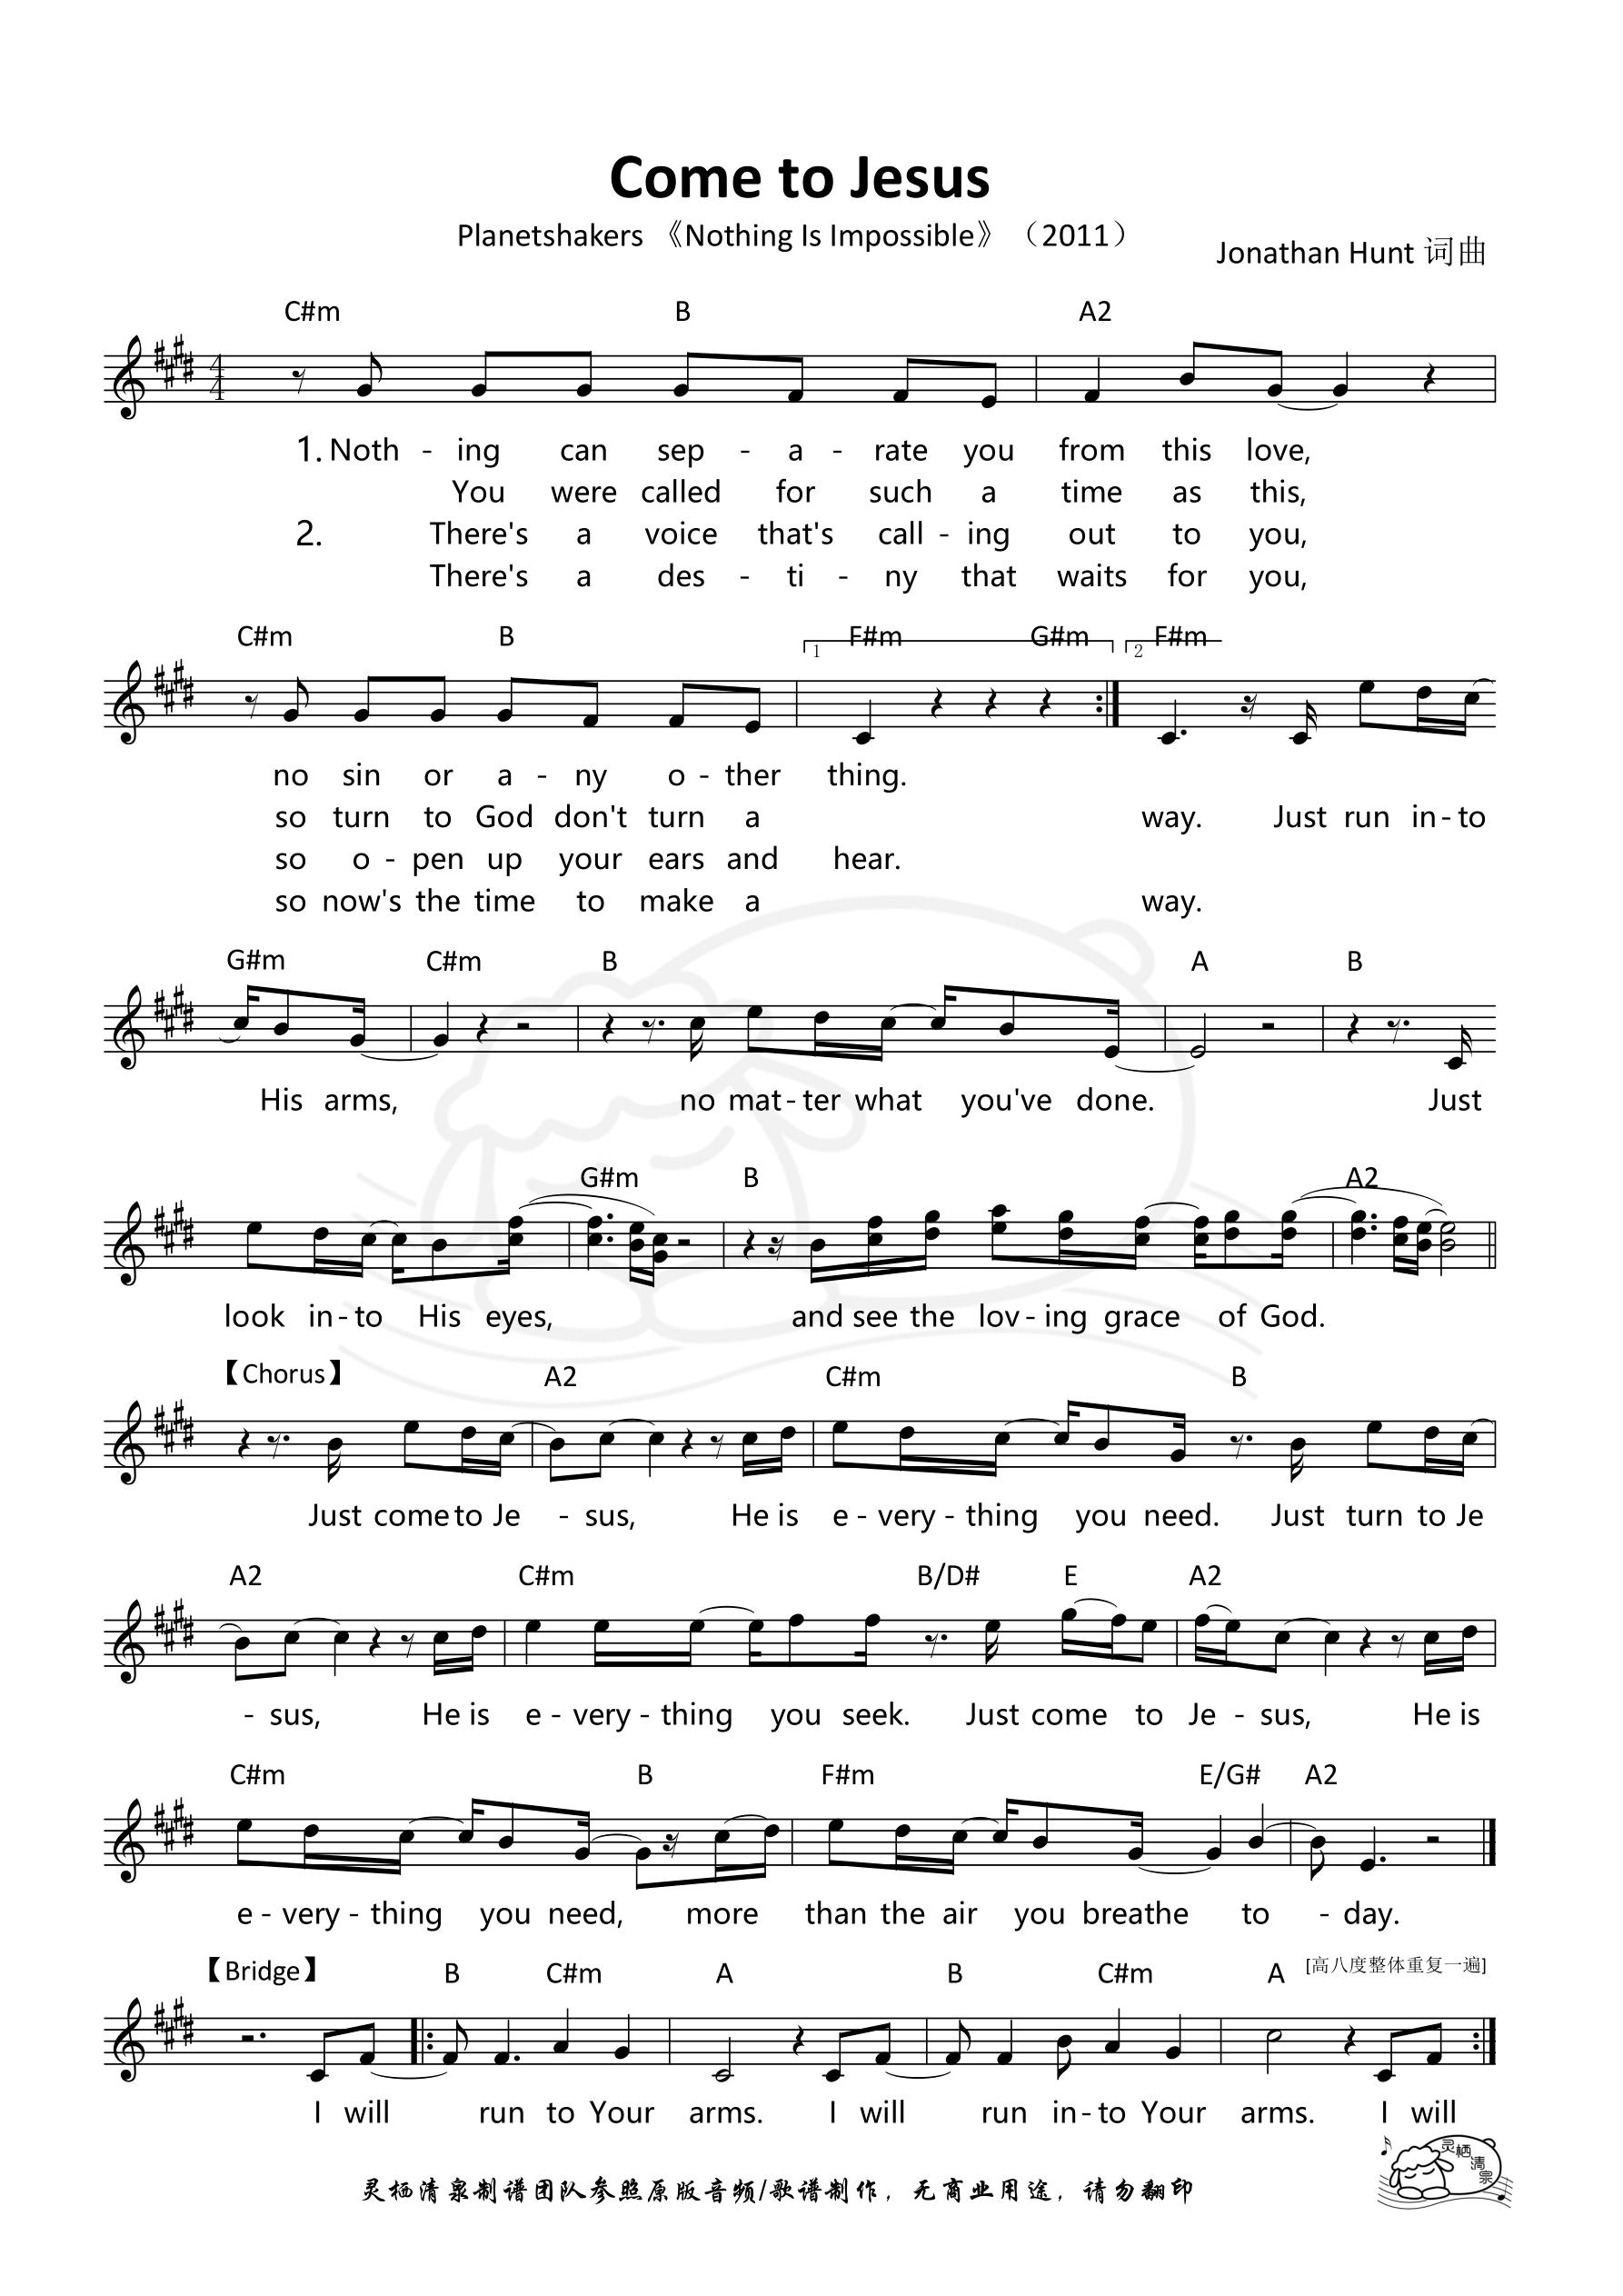 《第307首 - Come to Jesus 和弦五线谱》